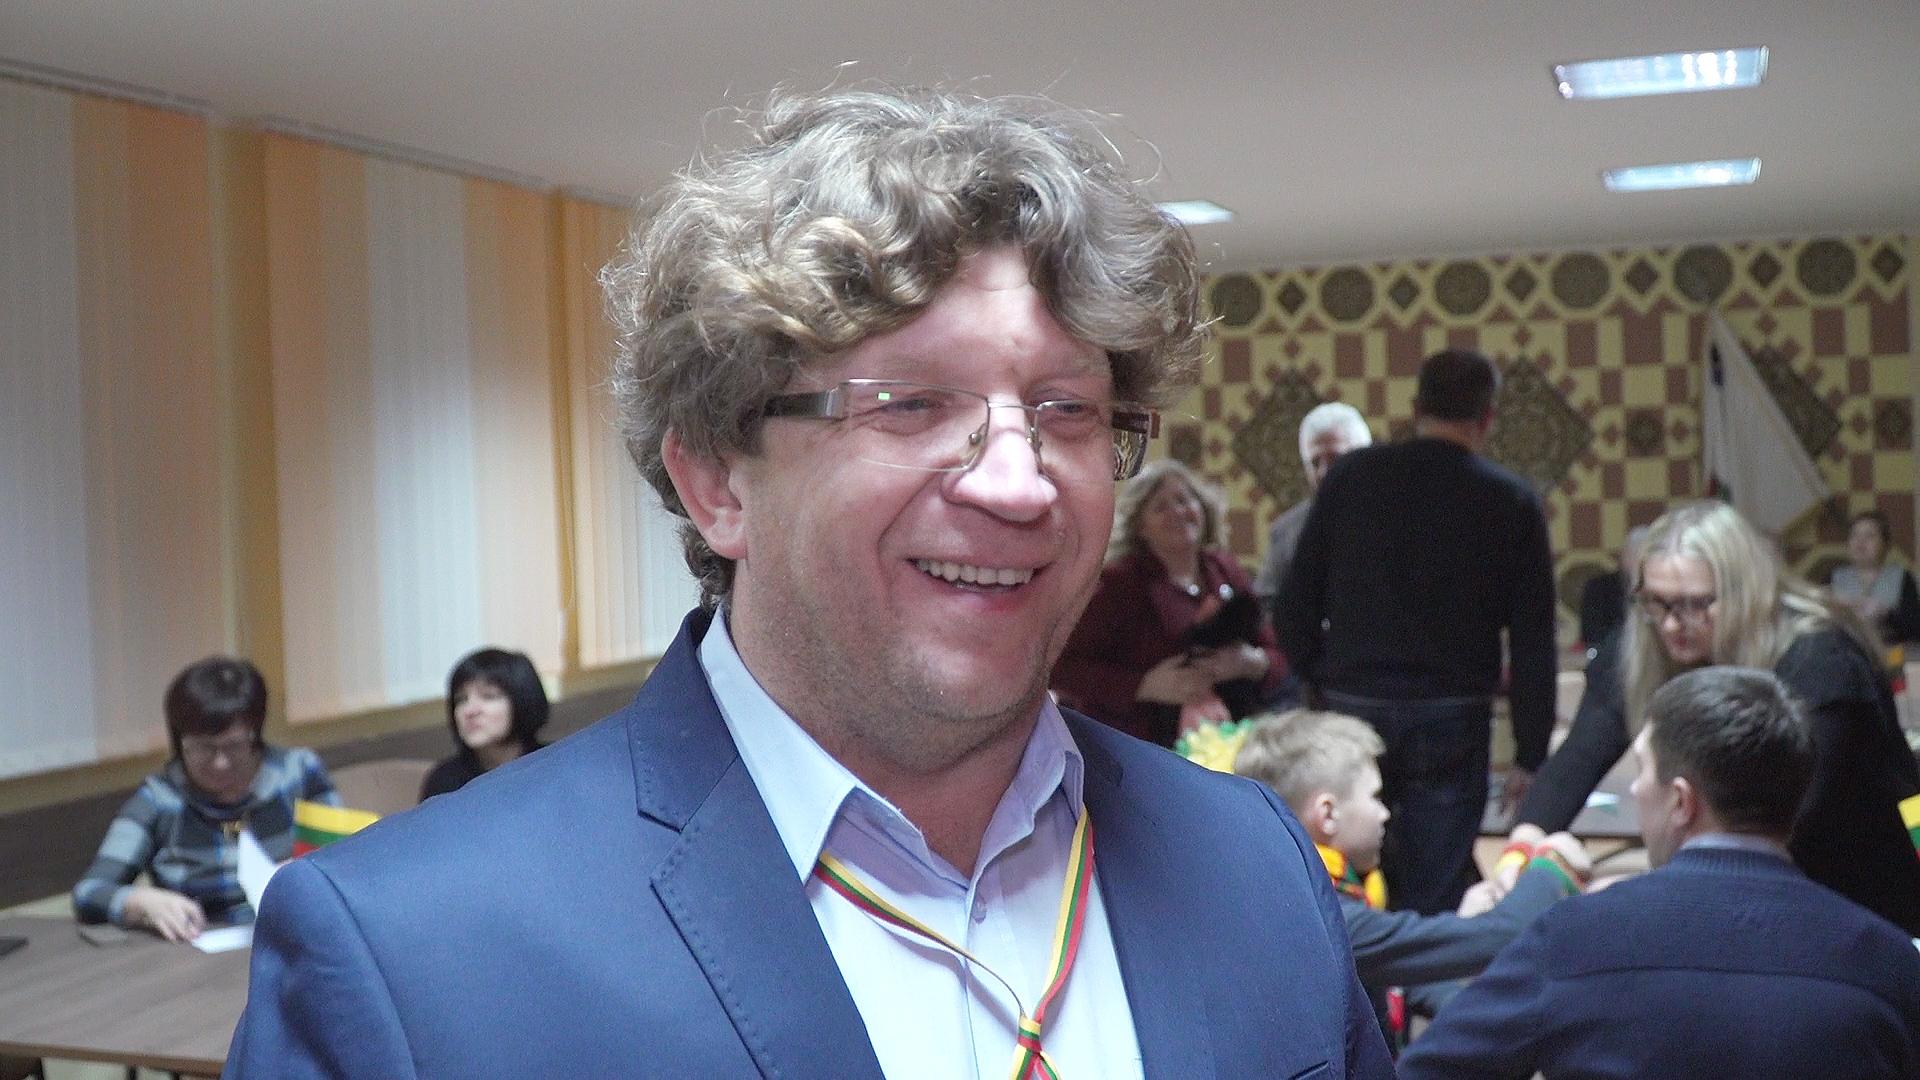 """Labūnavos bendruomenės centro pirmininkas Rytas Kretavičius akcentavo, kad šįmet, jau šeštajame, tradiciniame miestelio """"Protų mūšyje"""" jėgas išbandė rekordinis dalyvių skaičius – net šešiasdešimt, susiskirsčiusių į aštuonias komandas./ """"Rinkos aikštės TV"""" STOP kadras"""